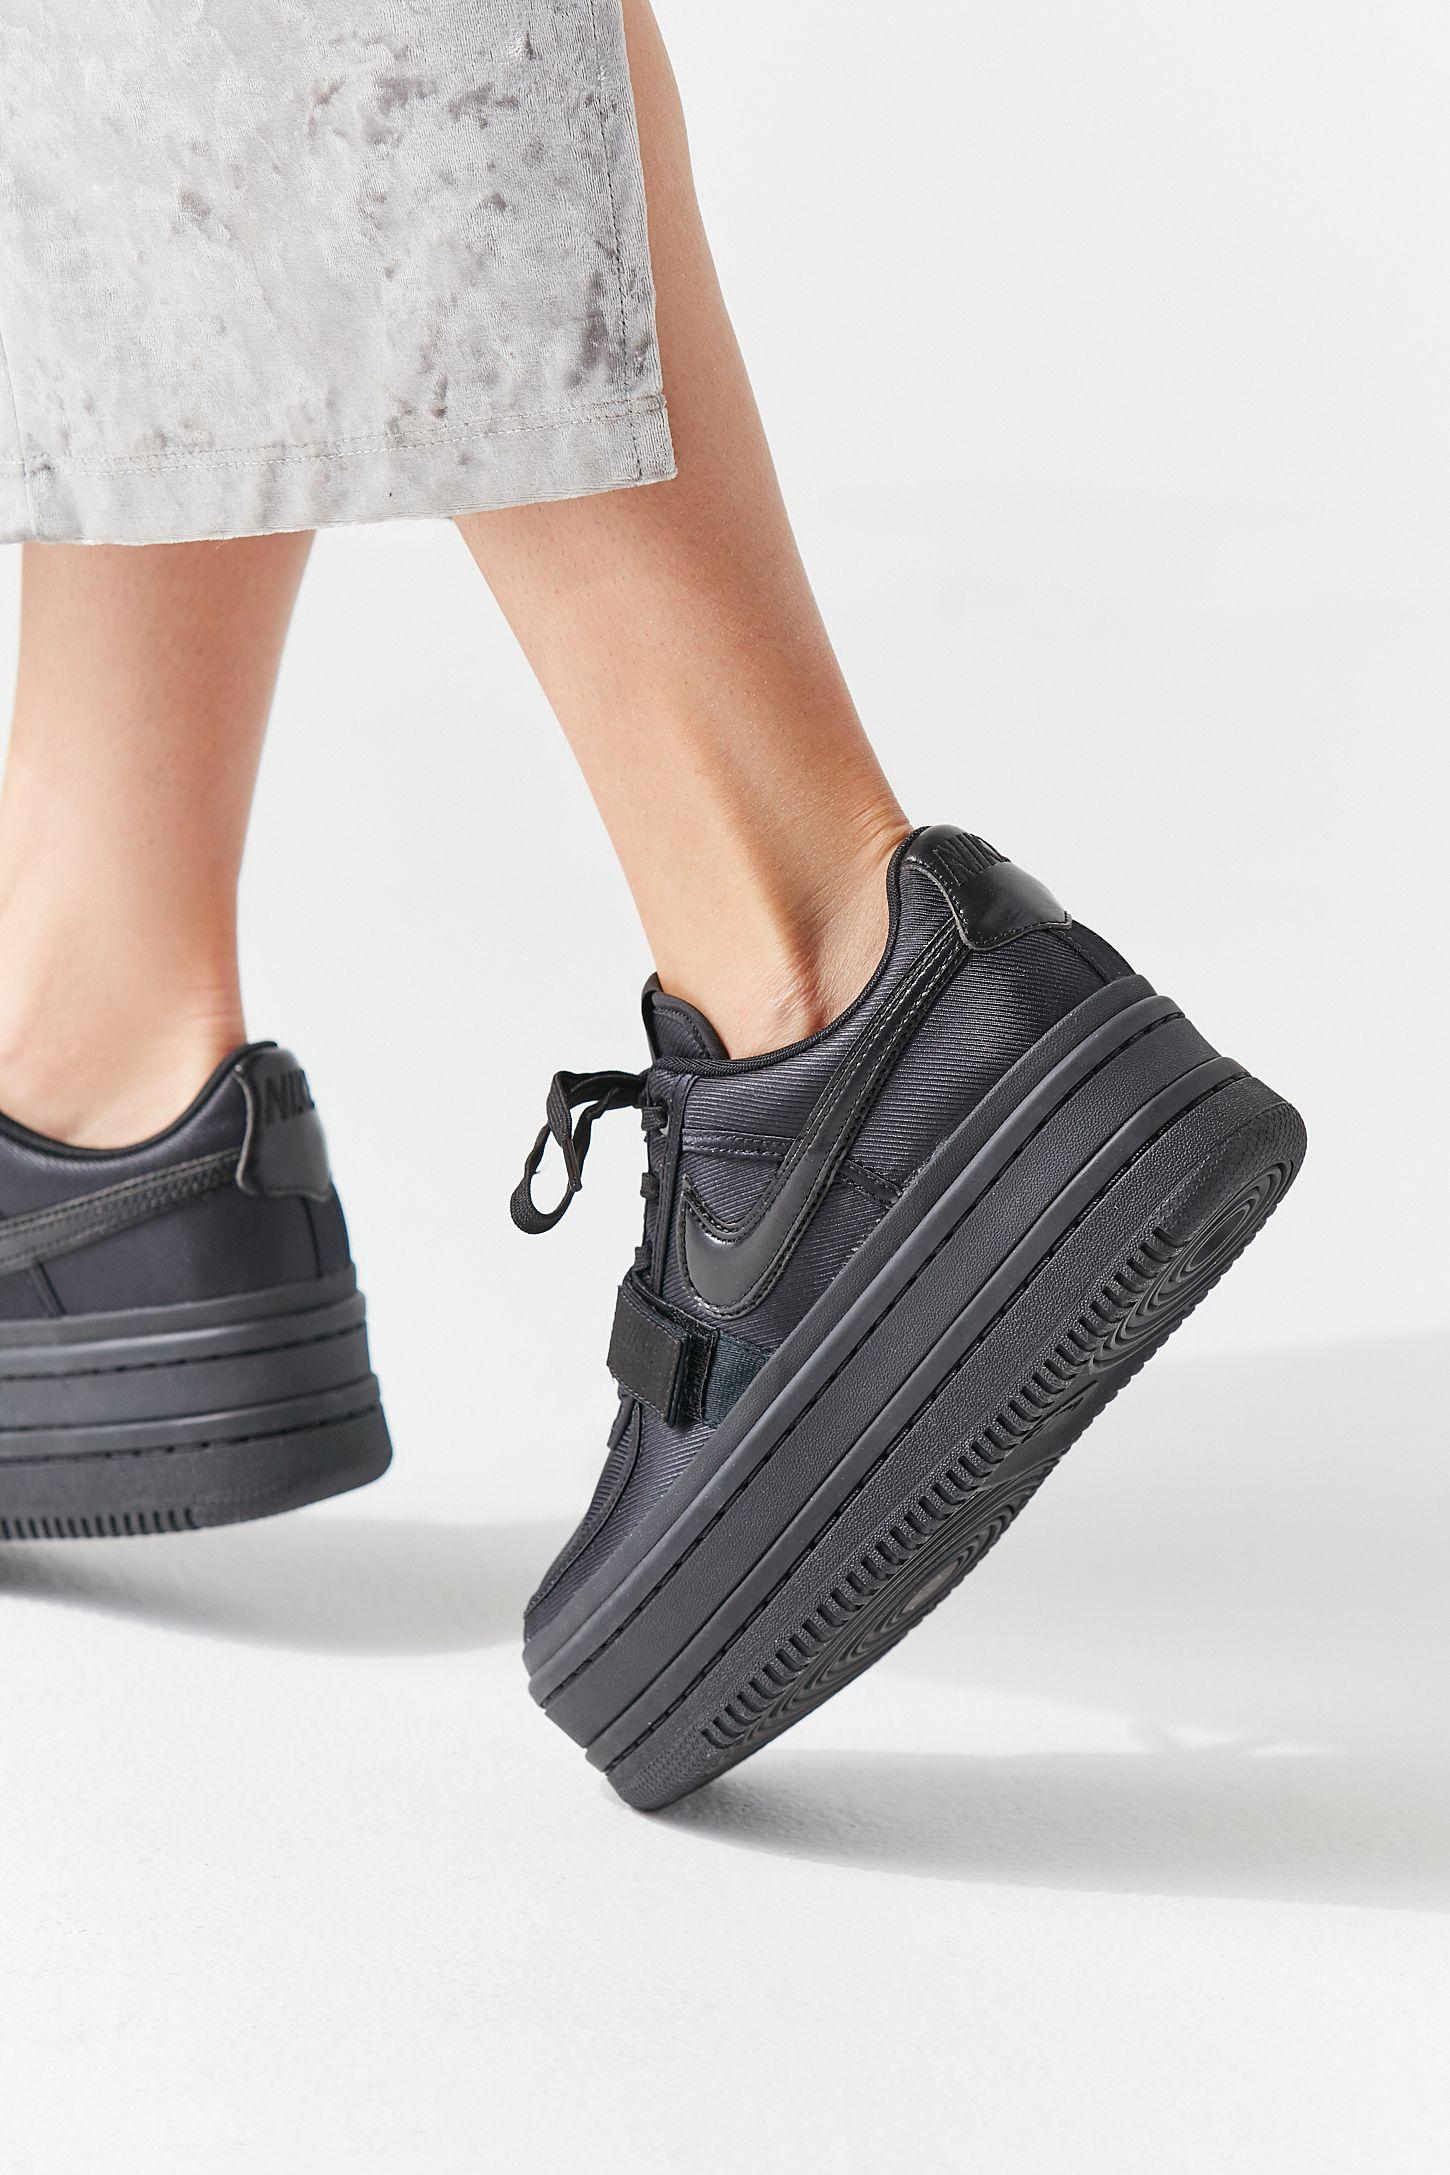 6f7b9496a0a Nike Vandal 2K Sneaker